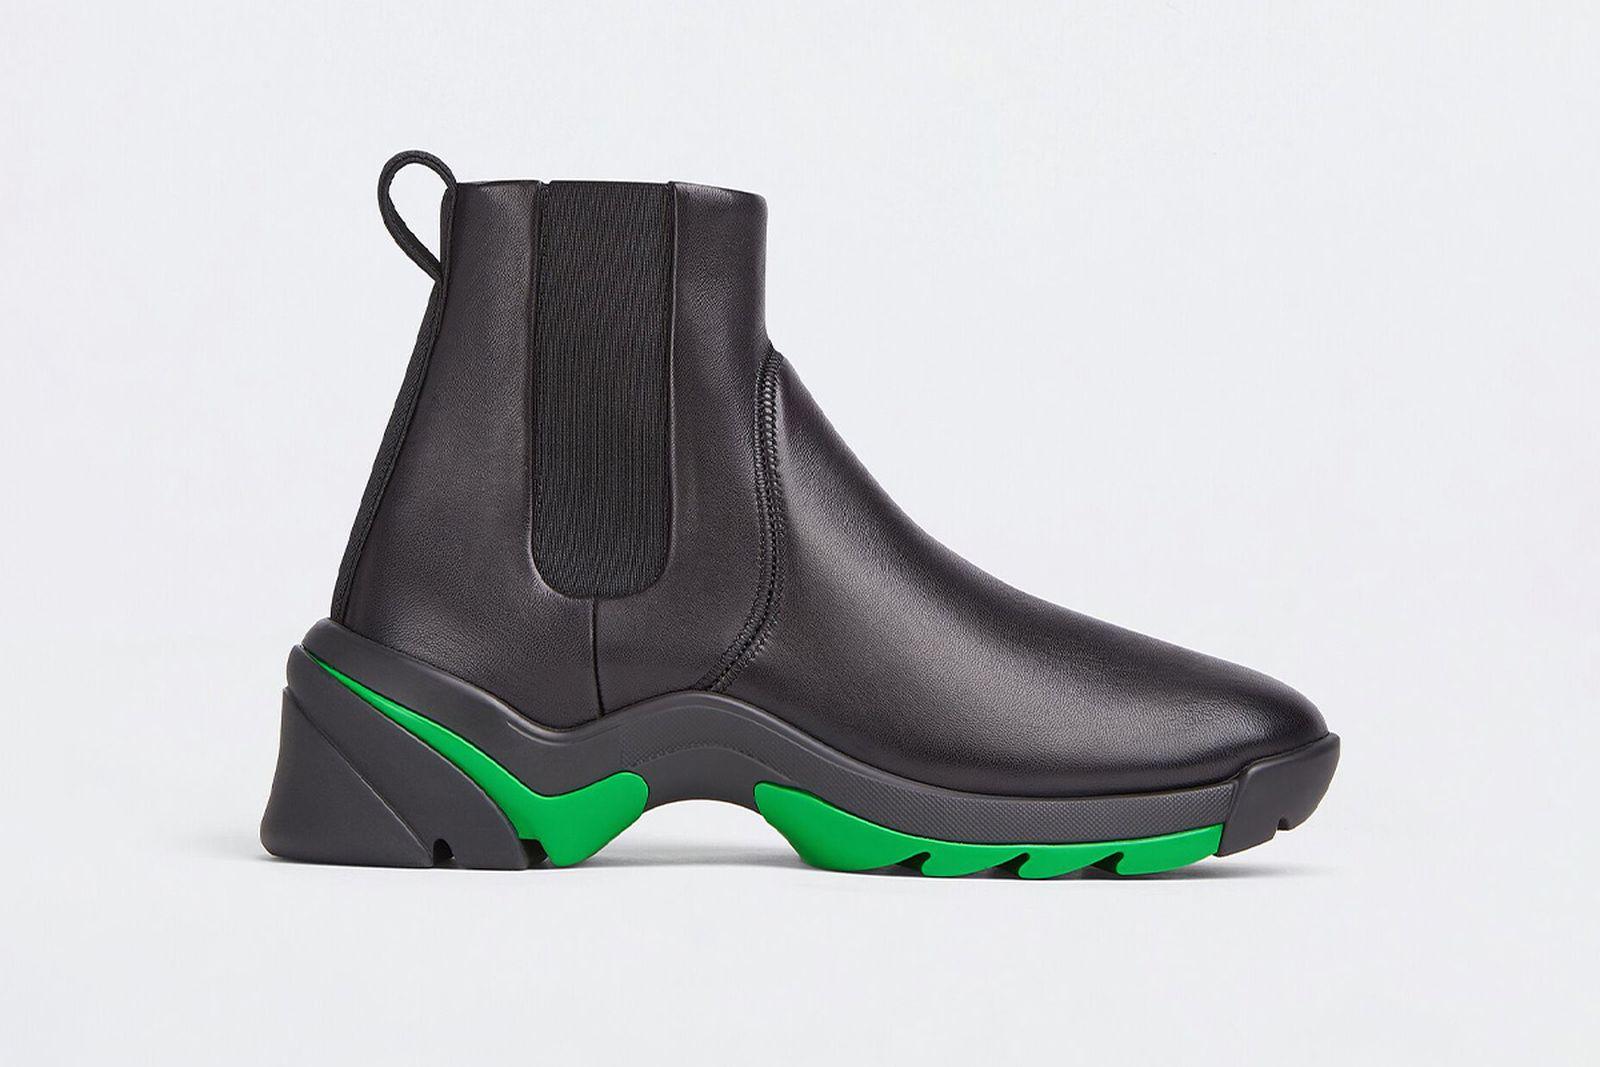 bottega-veneta-resort-2021-footwear-09